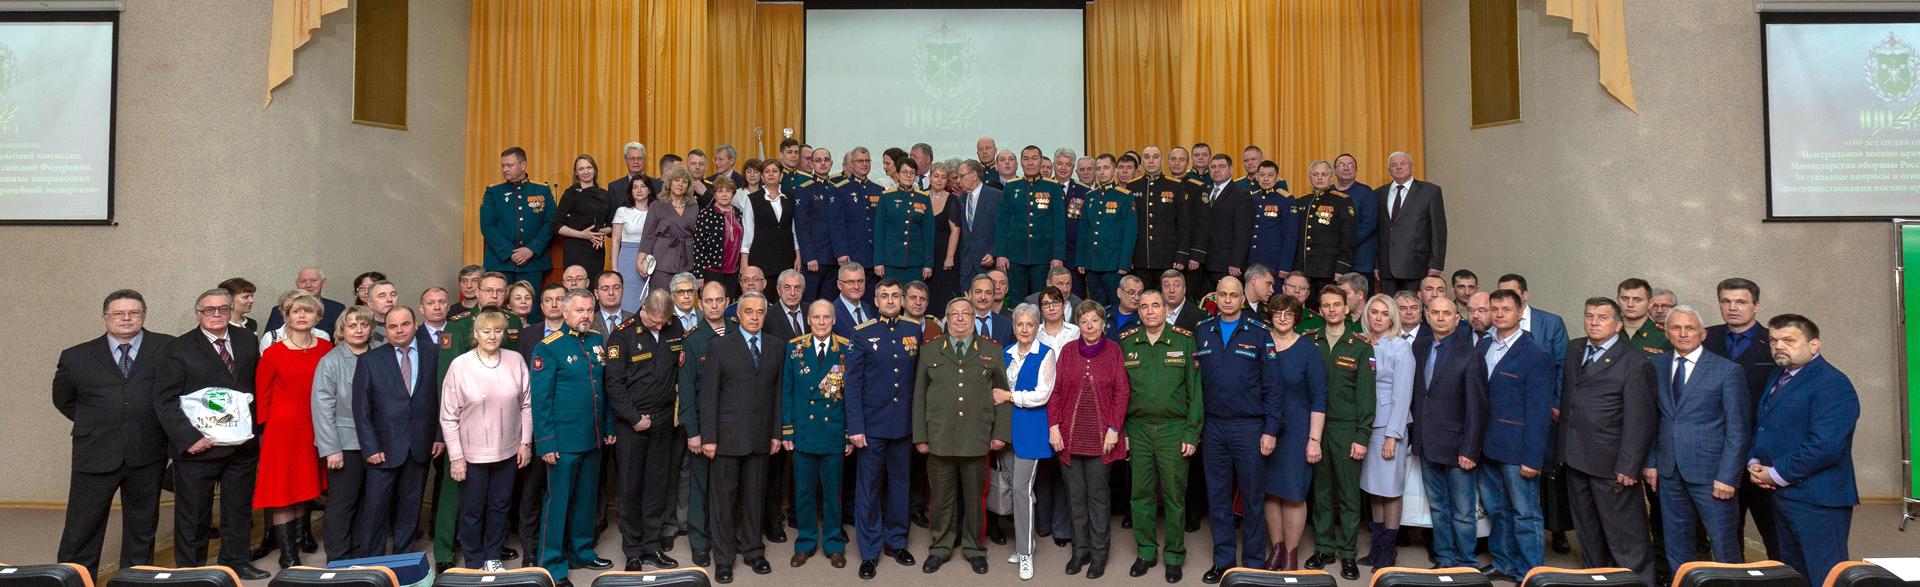 Научно-практическая конференция, посвященная 100-летию Центральный военно-врачебной комиссии Министерства обороны Российской Федерации